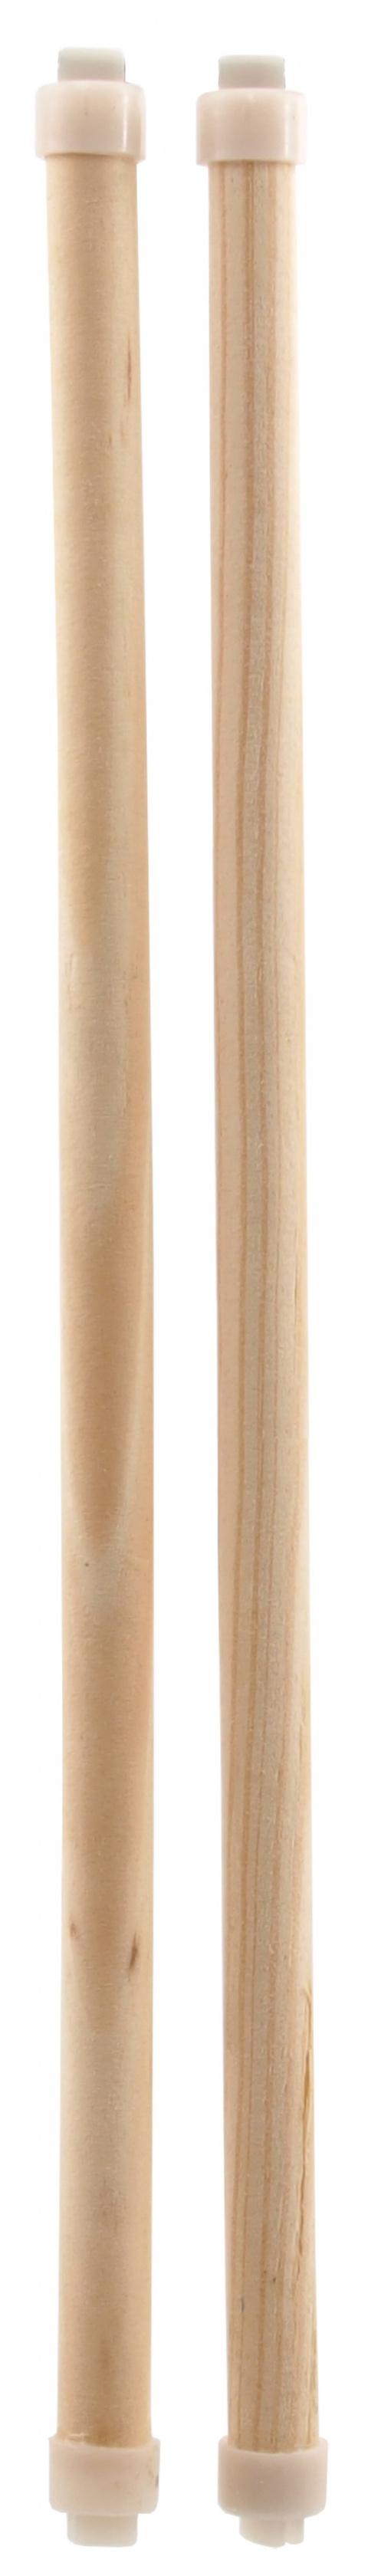 Koka laktas putniem - BIRD JEWEL 40,6 cm (2 gb)